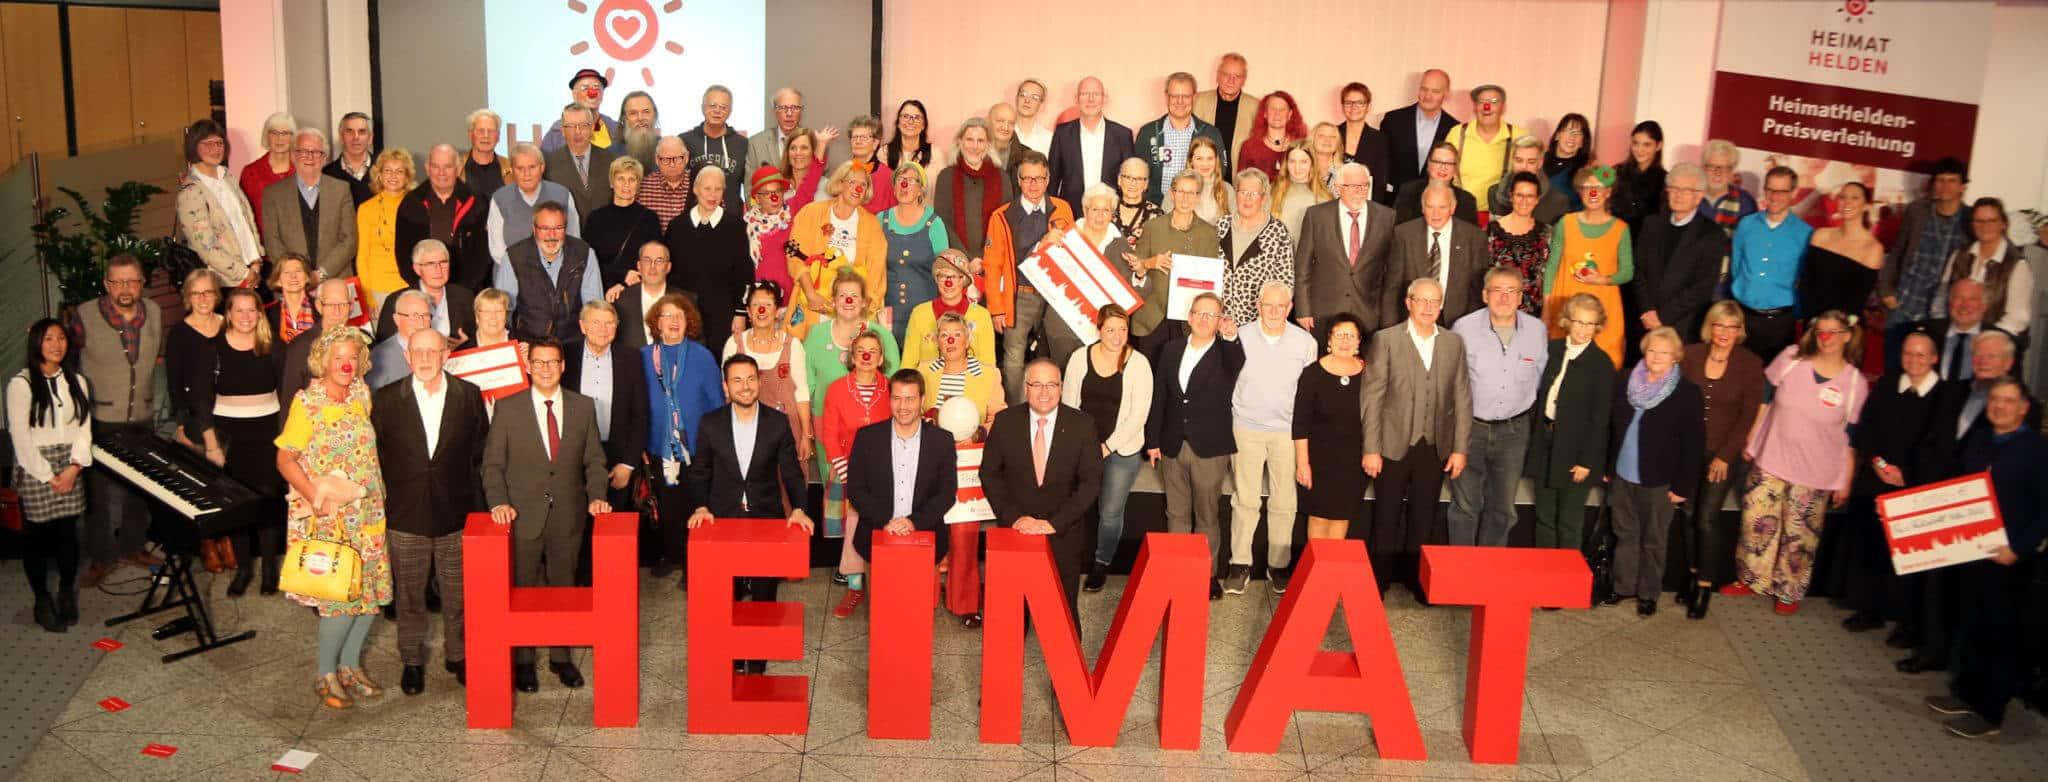 """Gruppenfoto mit den Siegern der ersten """"HeimatHelden""""-Preisverleihung 2019 der Sparkasse Koblenz."""